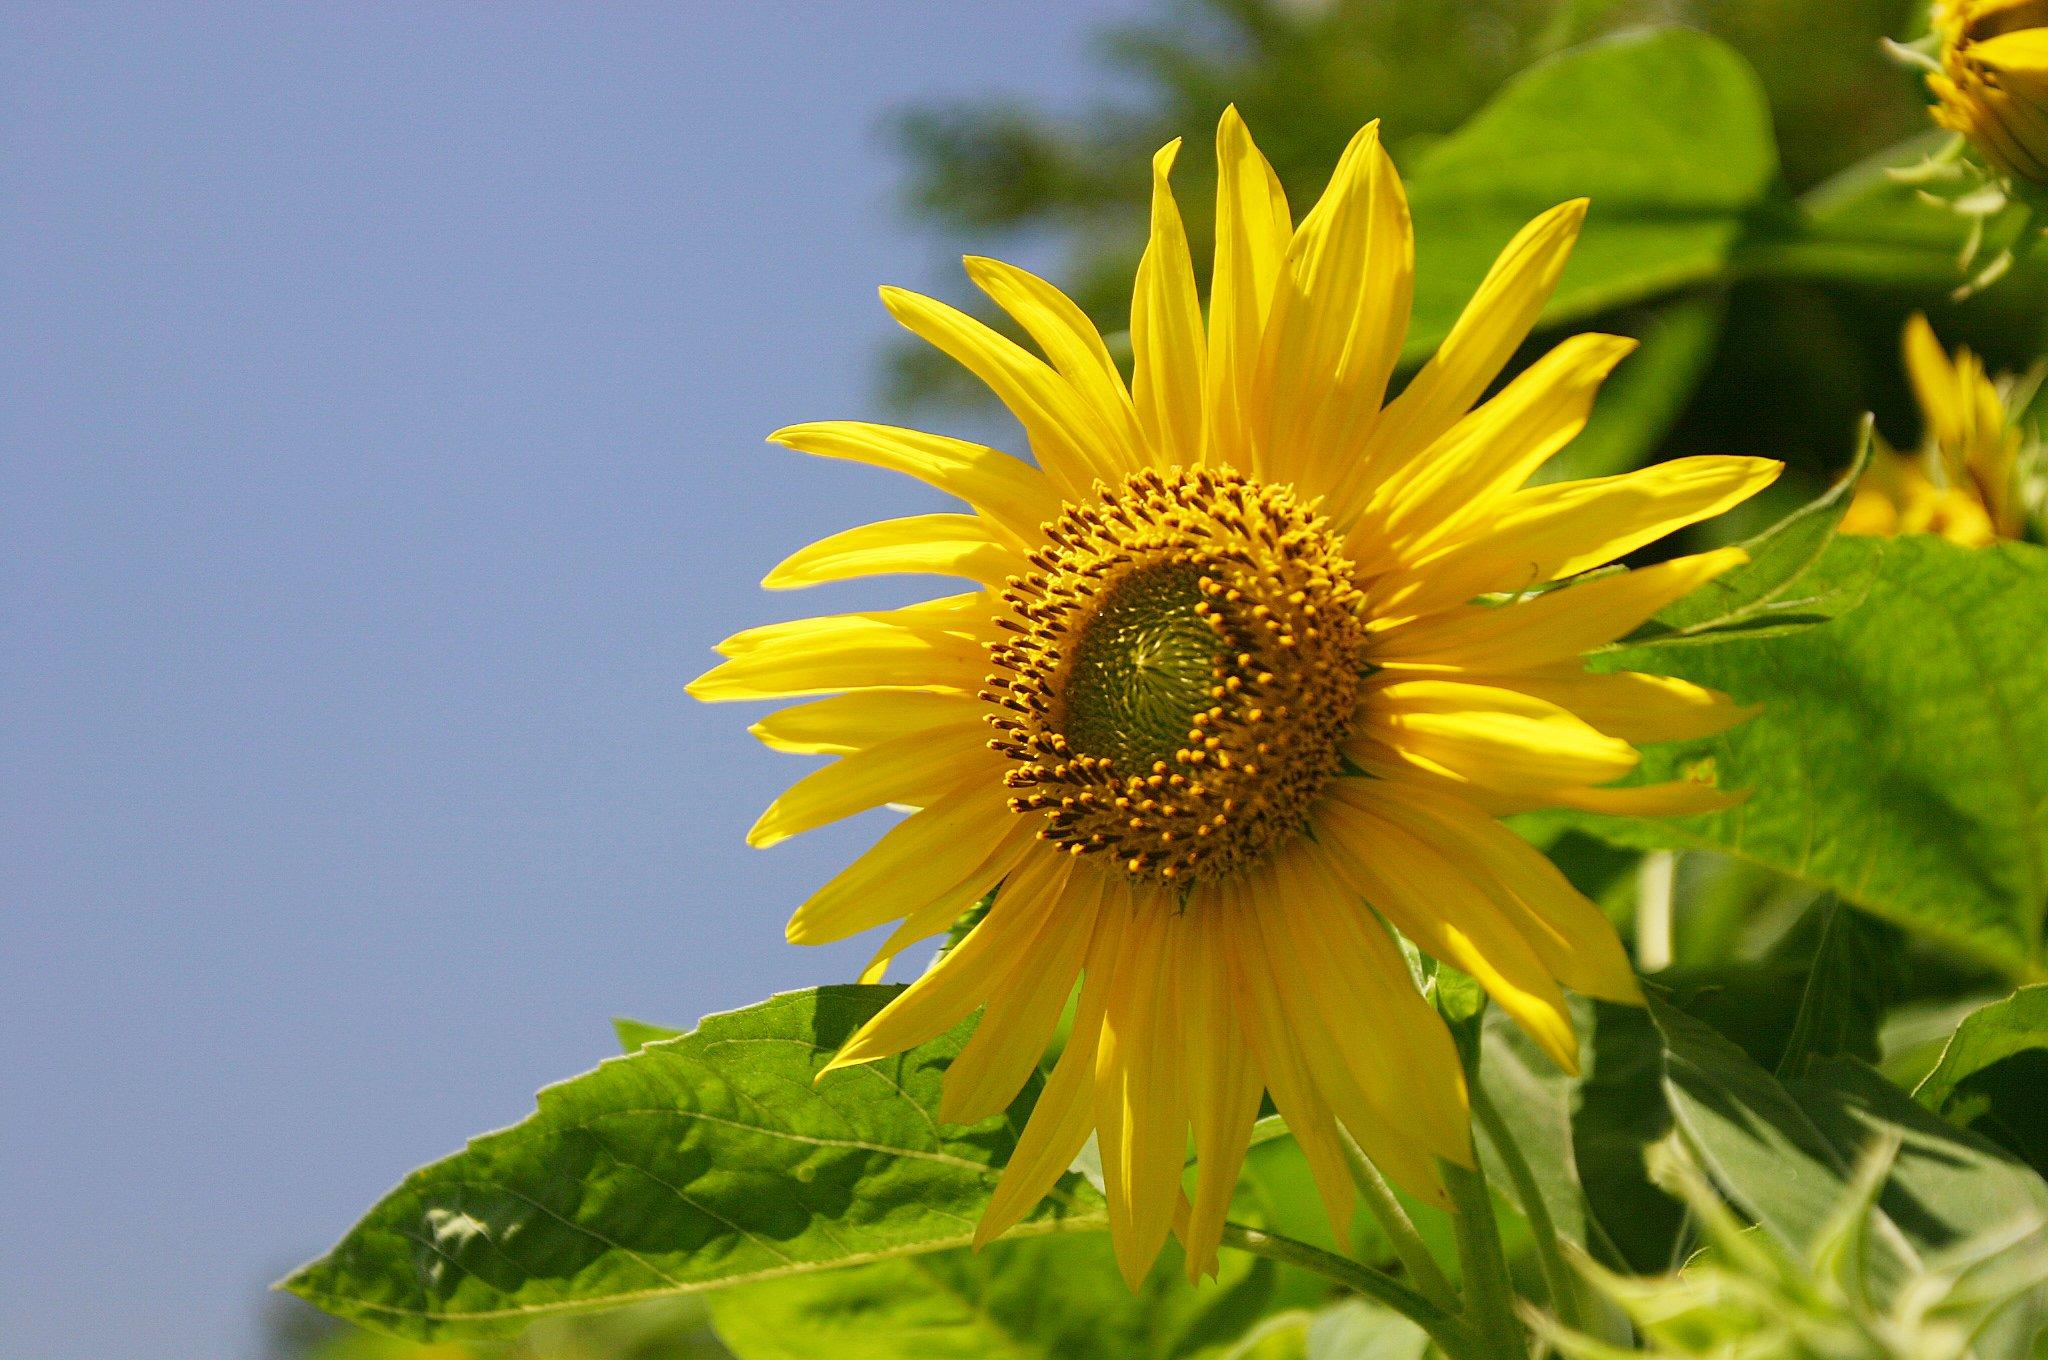 気温33度、向日葵は元気に